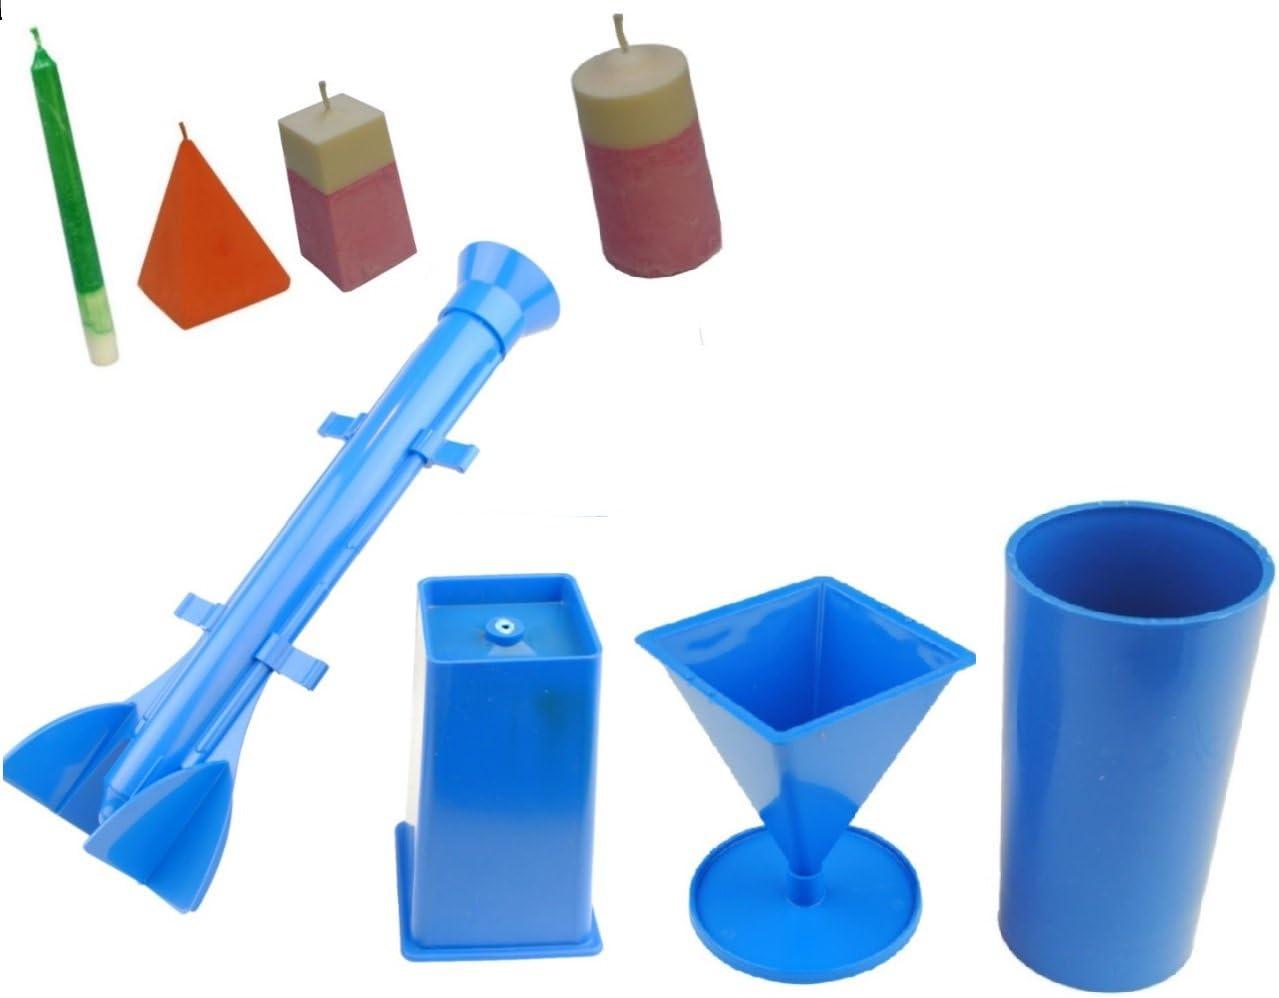 1 x rectangulaire 1 x rocket 1 x pyramide 1 x pilier S7561 Lot de 4 bougie moules